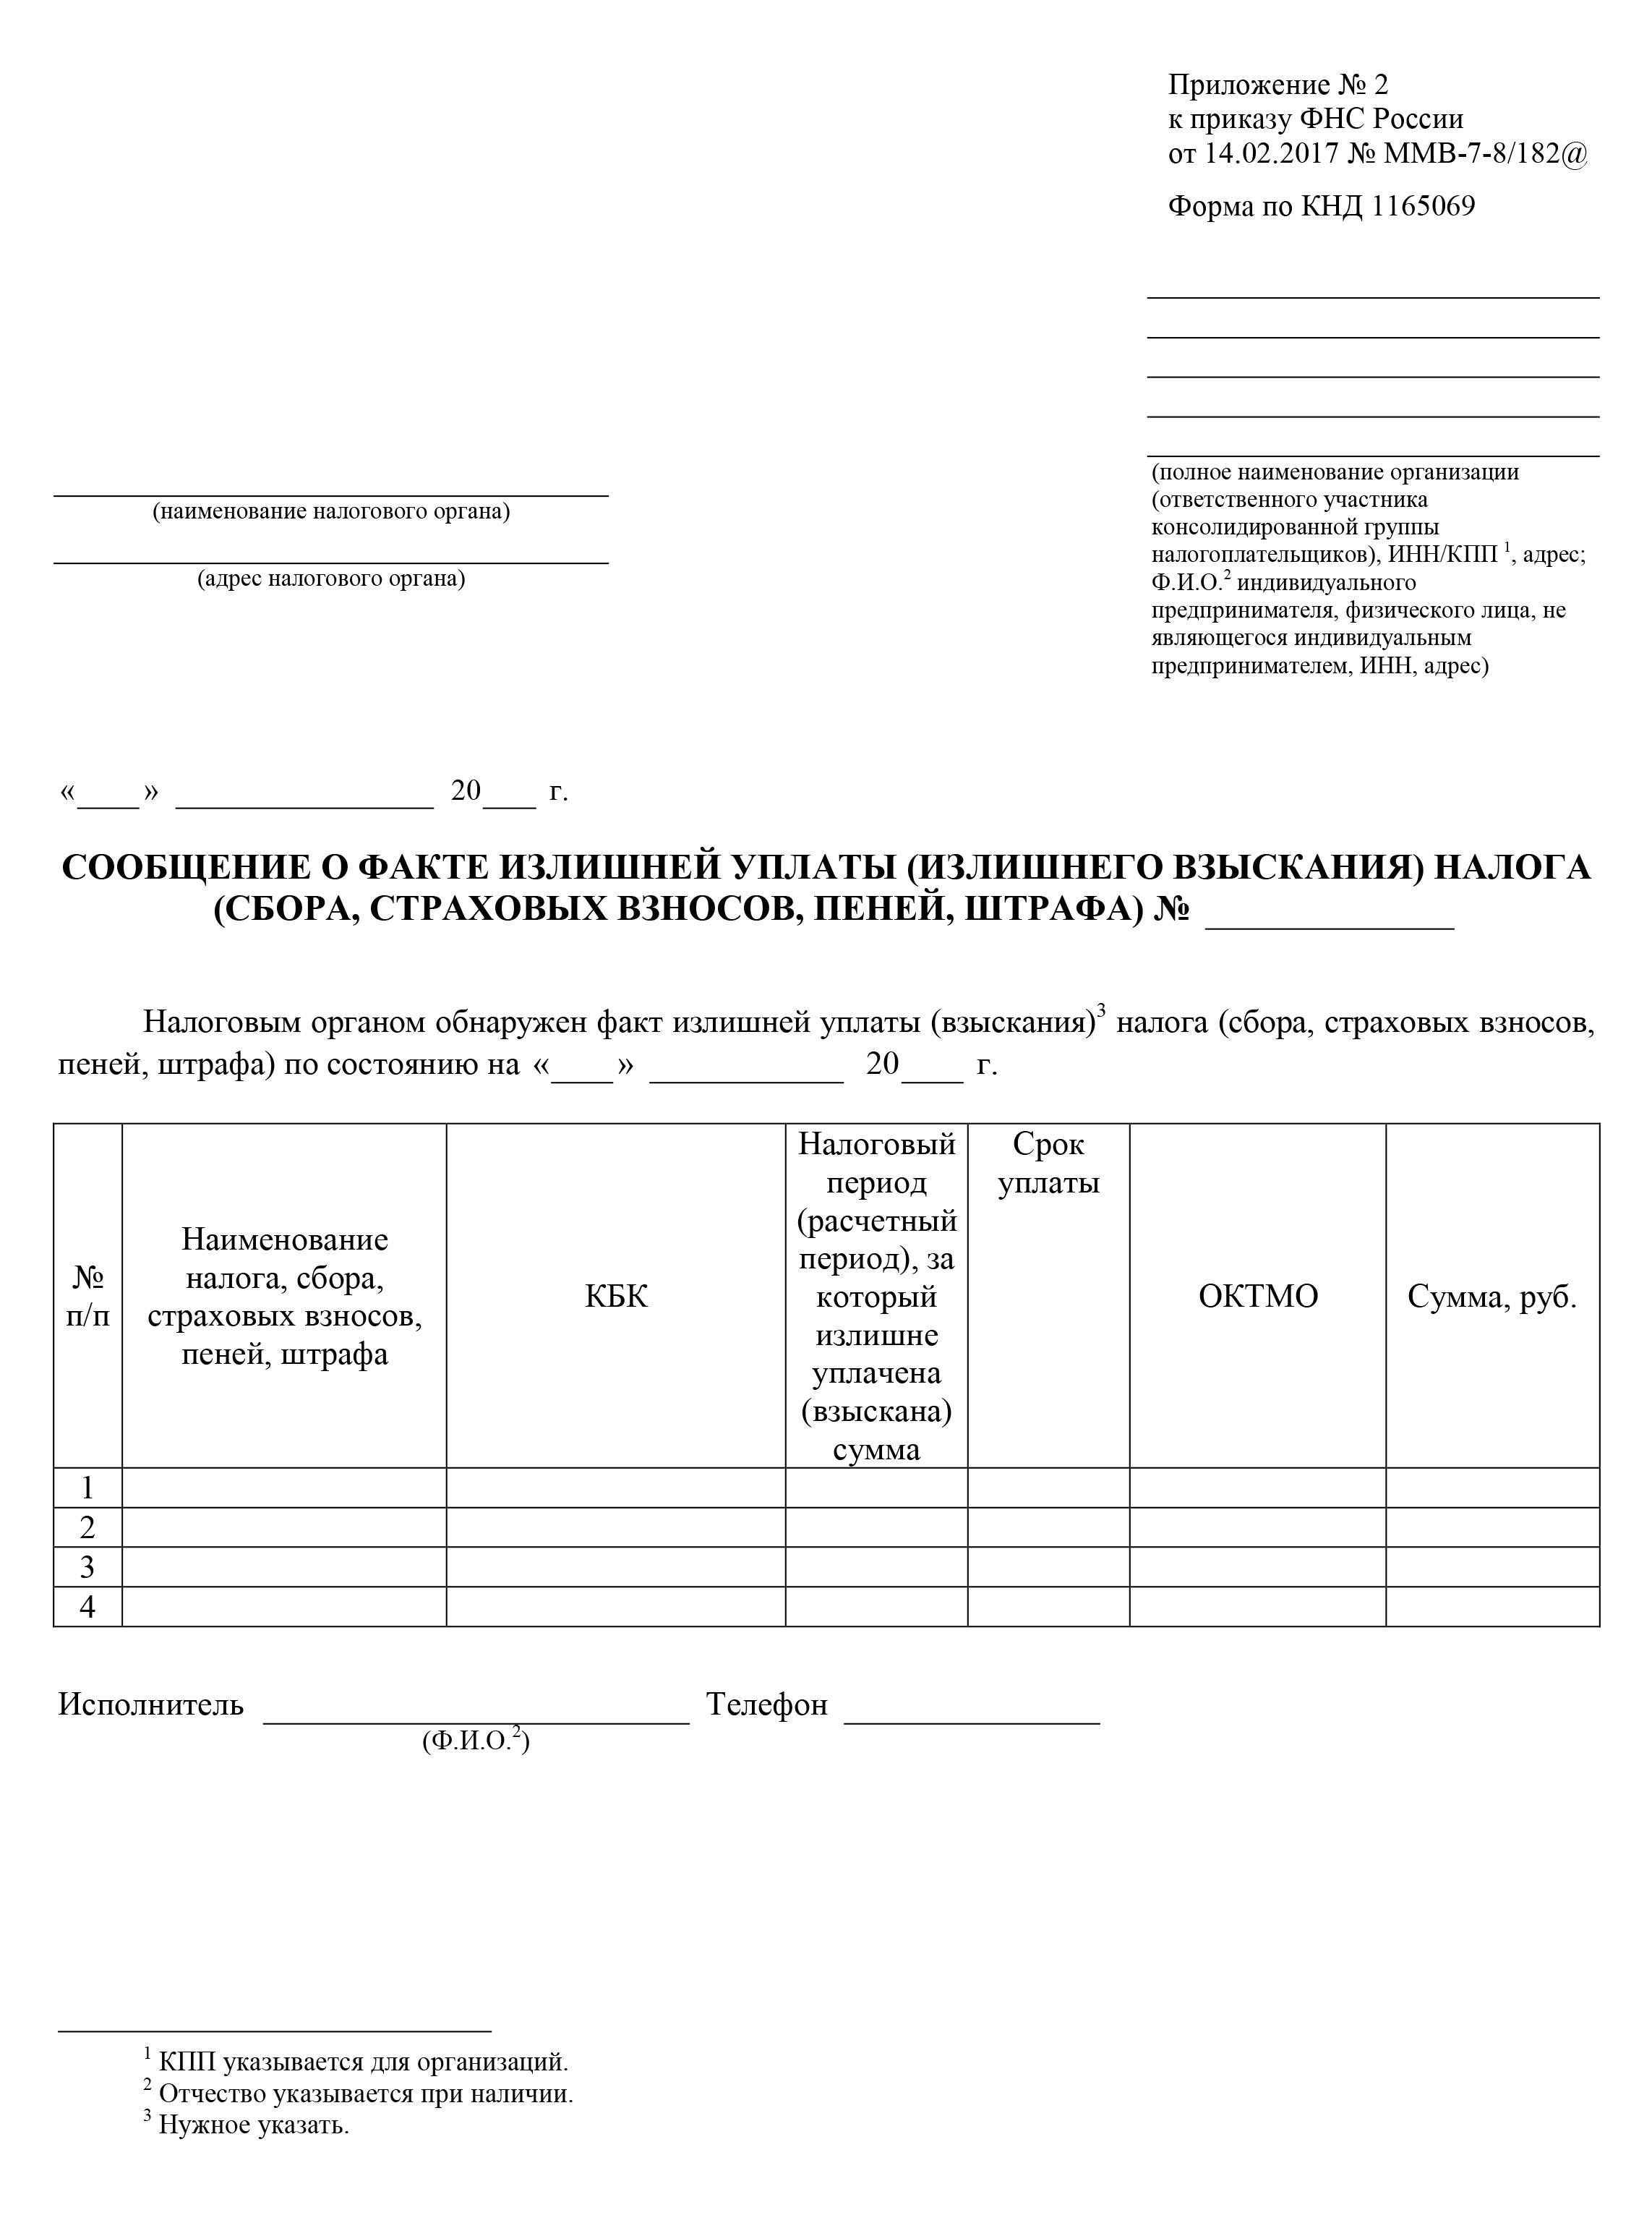 Бланк уведомления о факте переплаты, который отправляет налоговая